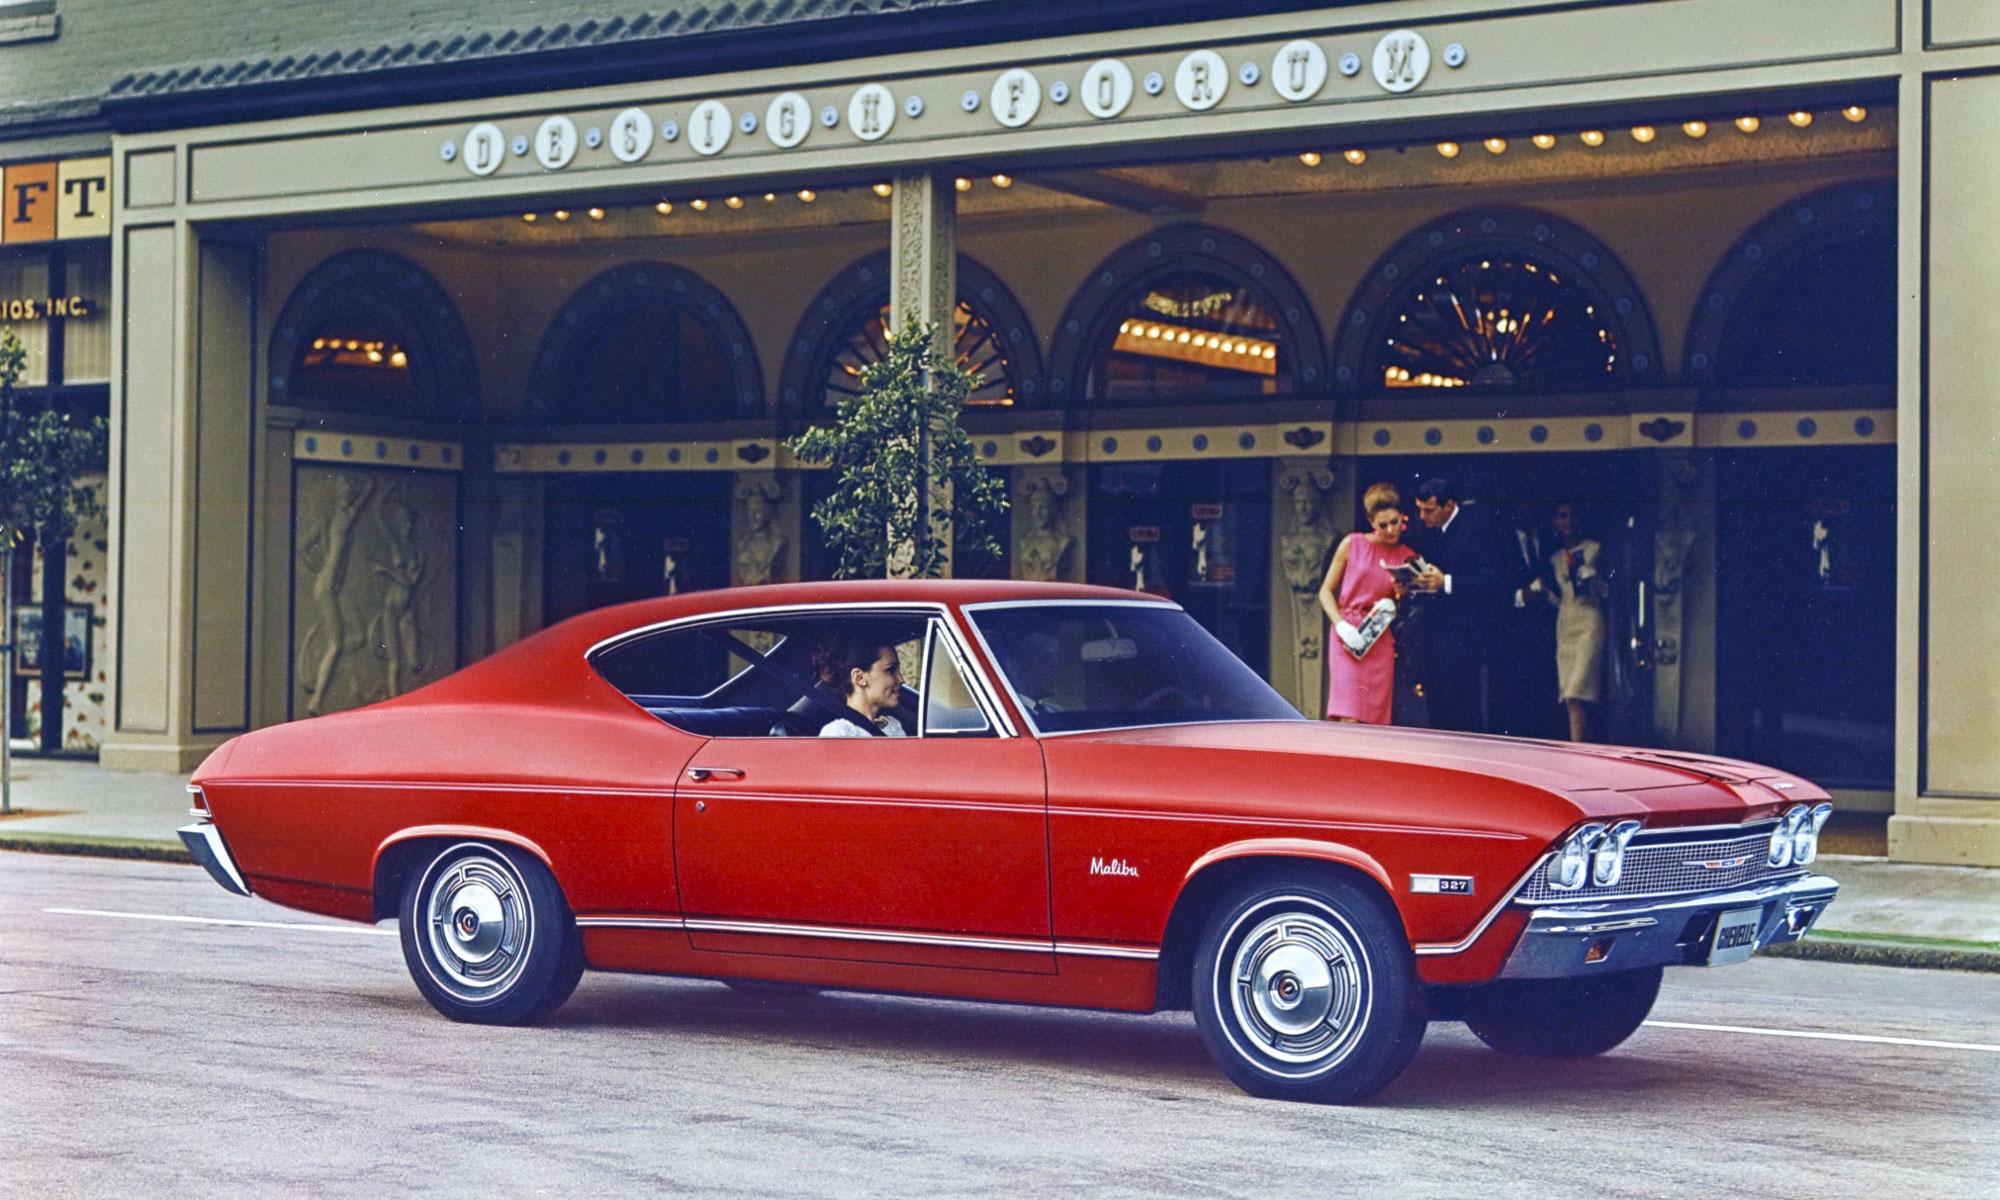 Chevrolet Malibu A Brief Historynbsp